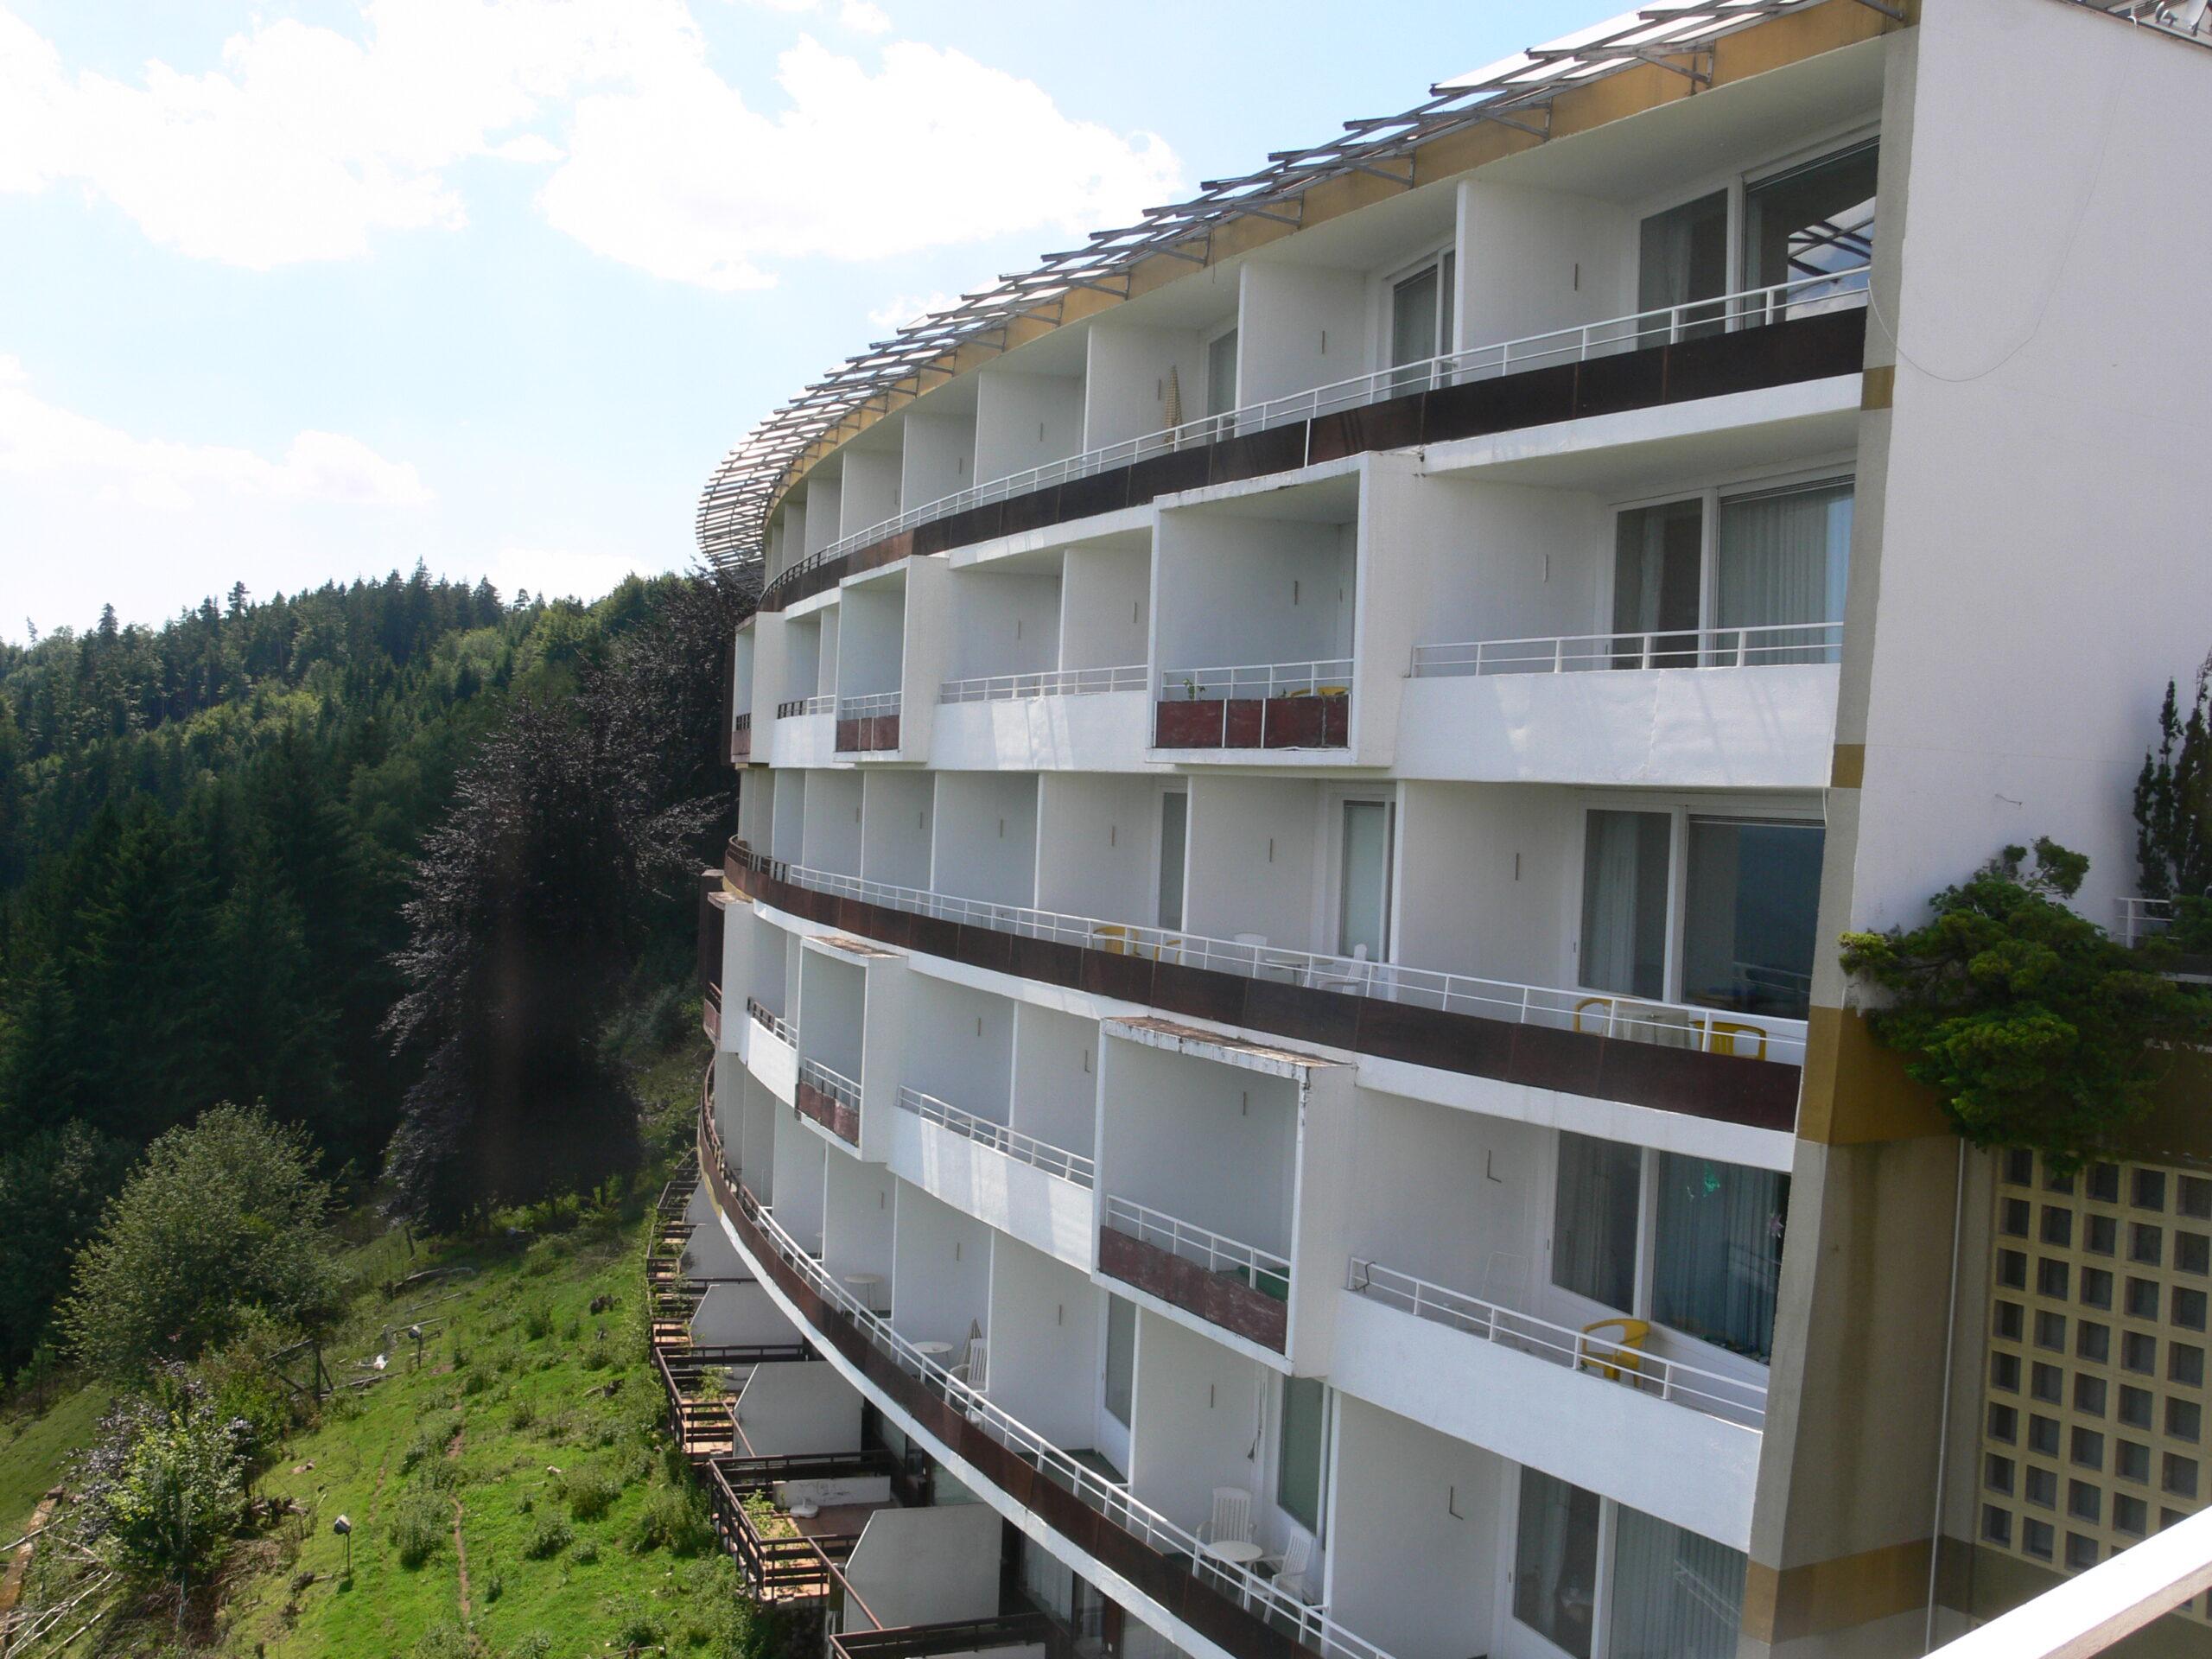 Full Size of Filebad Wildbad Sommerberghoteljpg Wikimedia Wellness Bad Wörishofen Krozingen Hotel Waldsee Neues Badezimmer Spiegelleuchte Sulza Schränke Segeberg Bevensen Bad Bad Wildbad Hotel